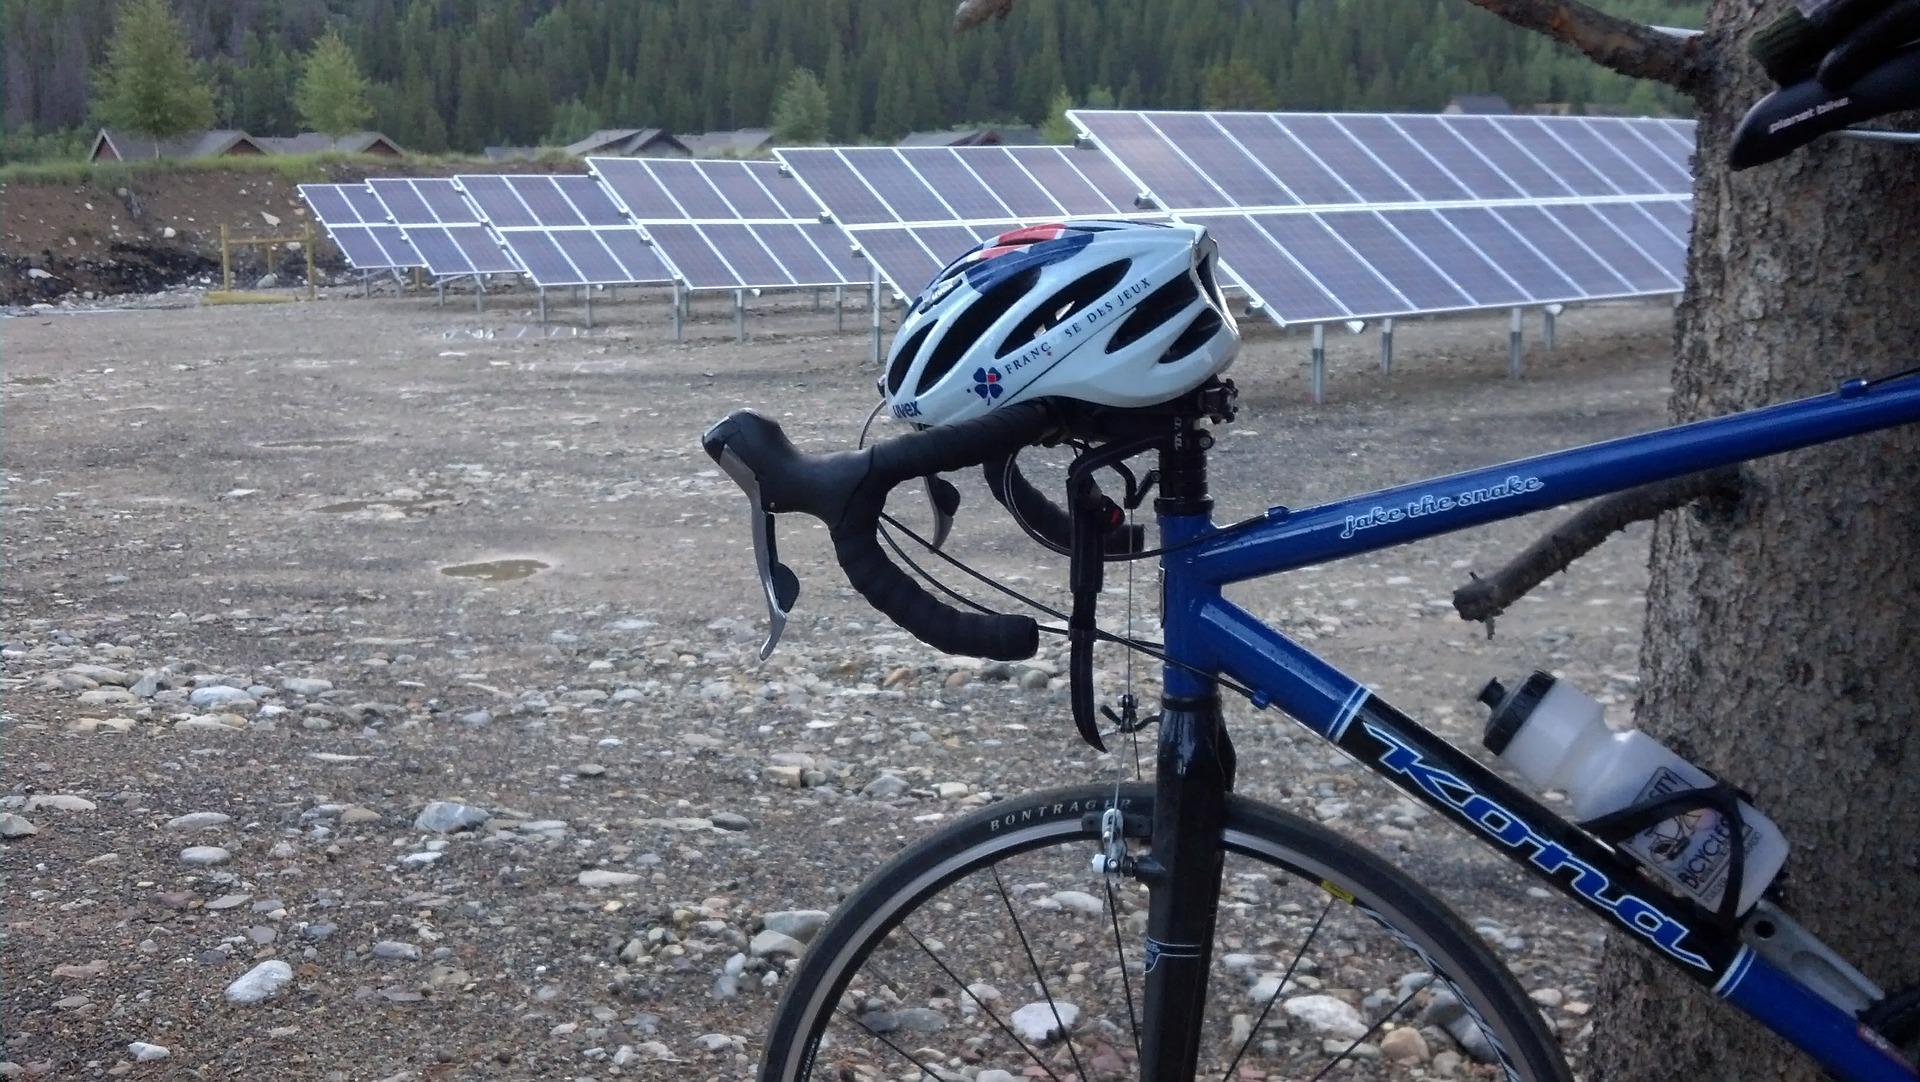 Tag et lån til en cykel eller scooter, og spar penge.